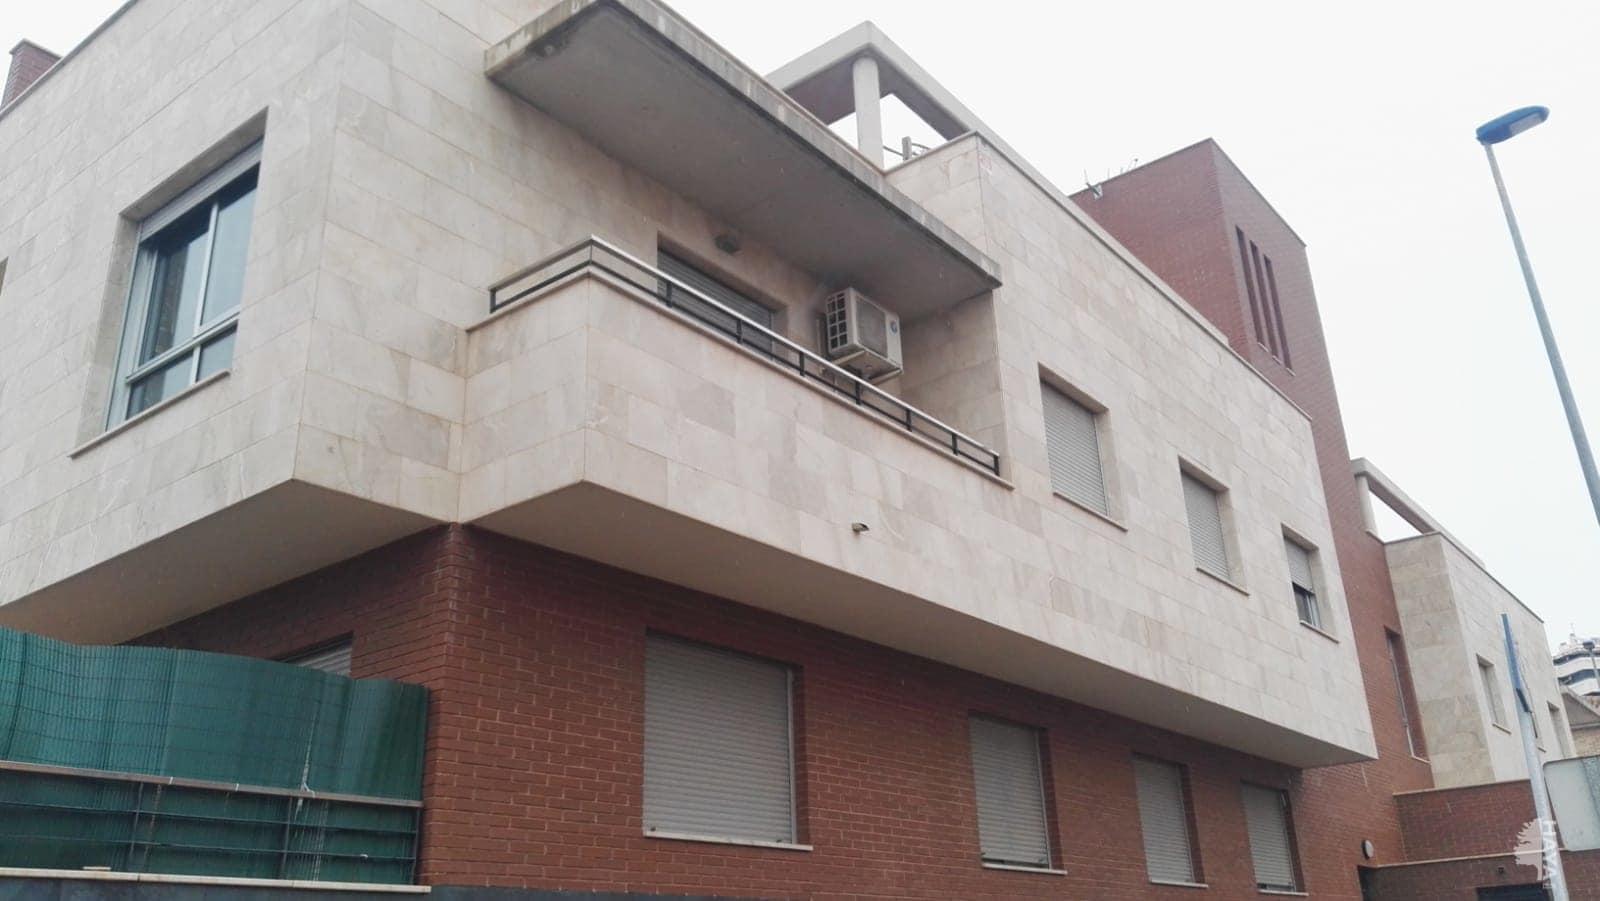 Piso en venta en Romeral, Molina de Segura, Murcia, Calle Profesor Juan Ruiz, 105.000 €, 3 habitaciones, 2 baños, 116 m2